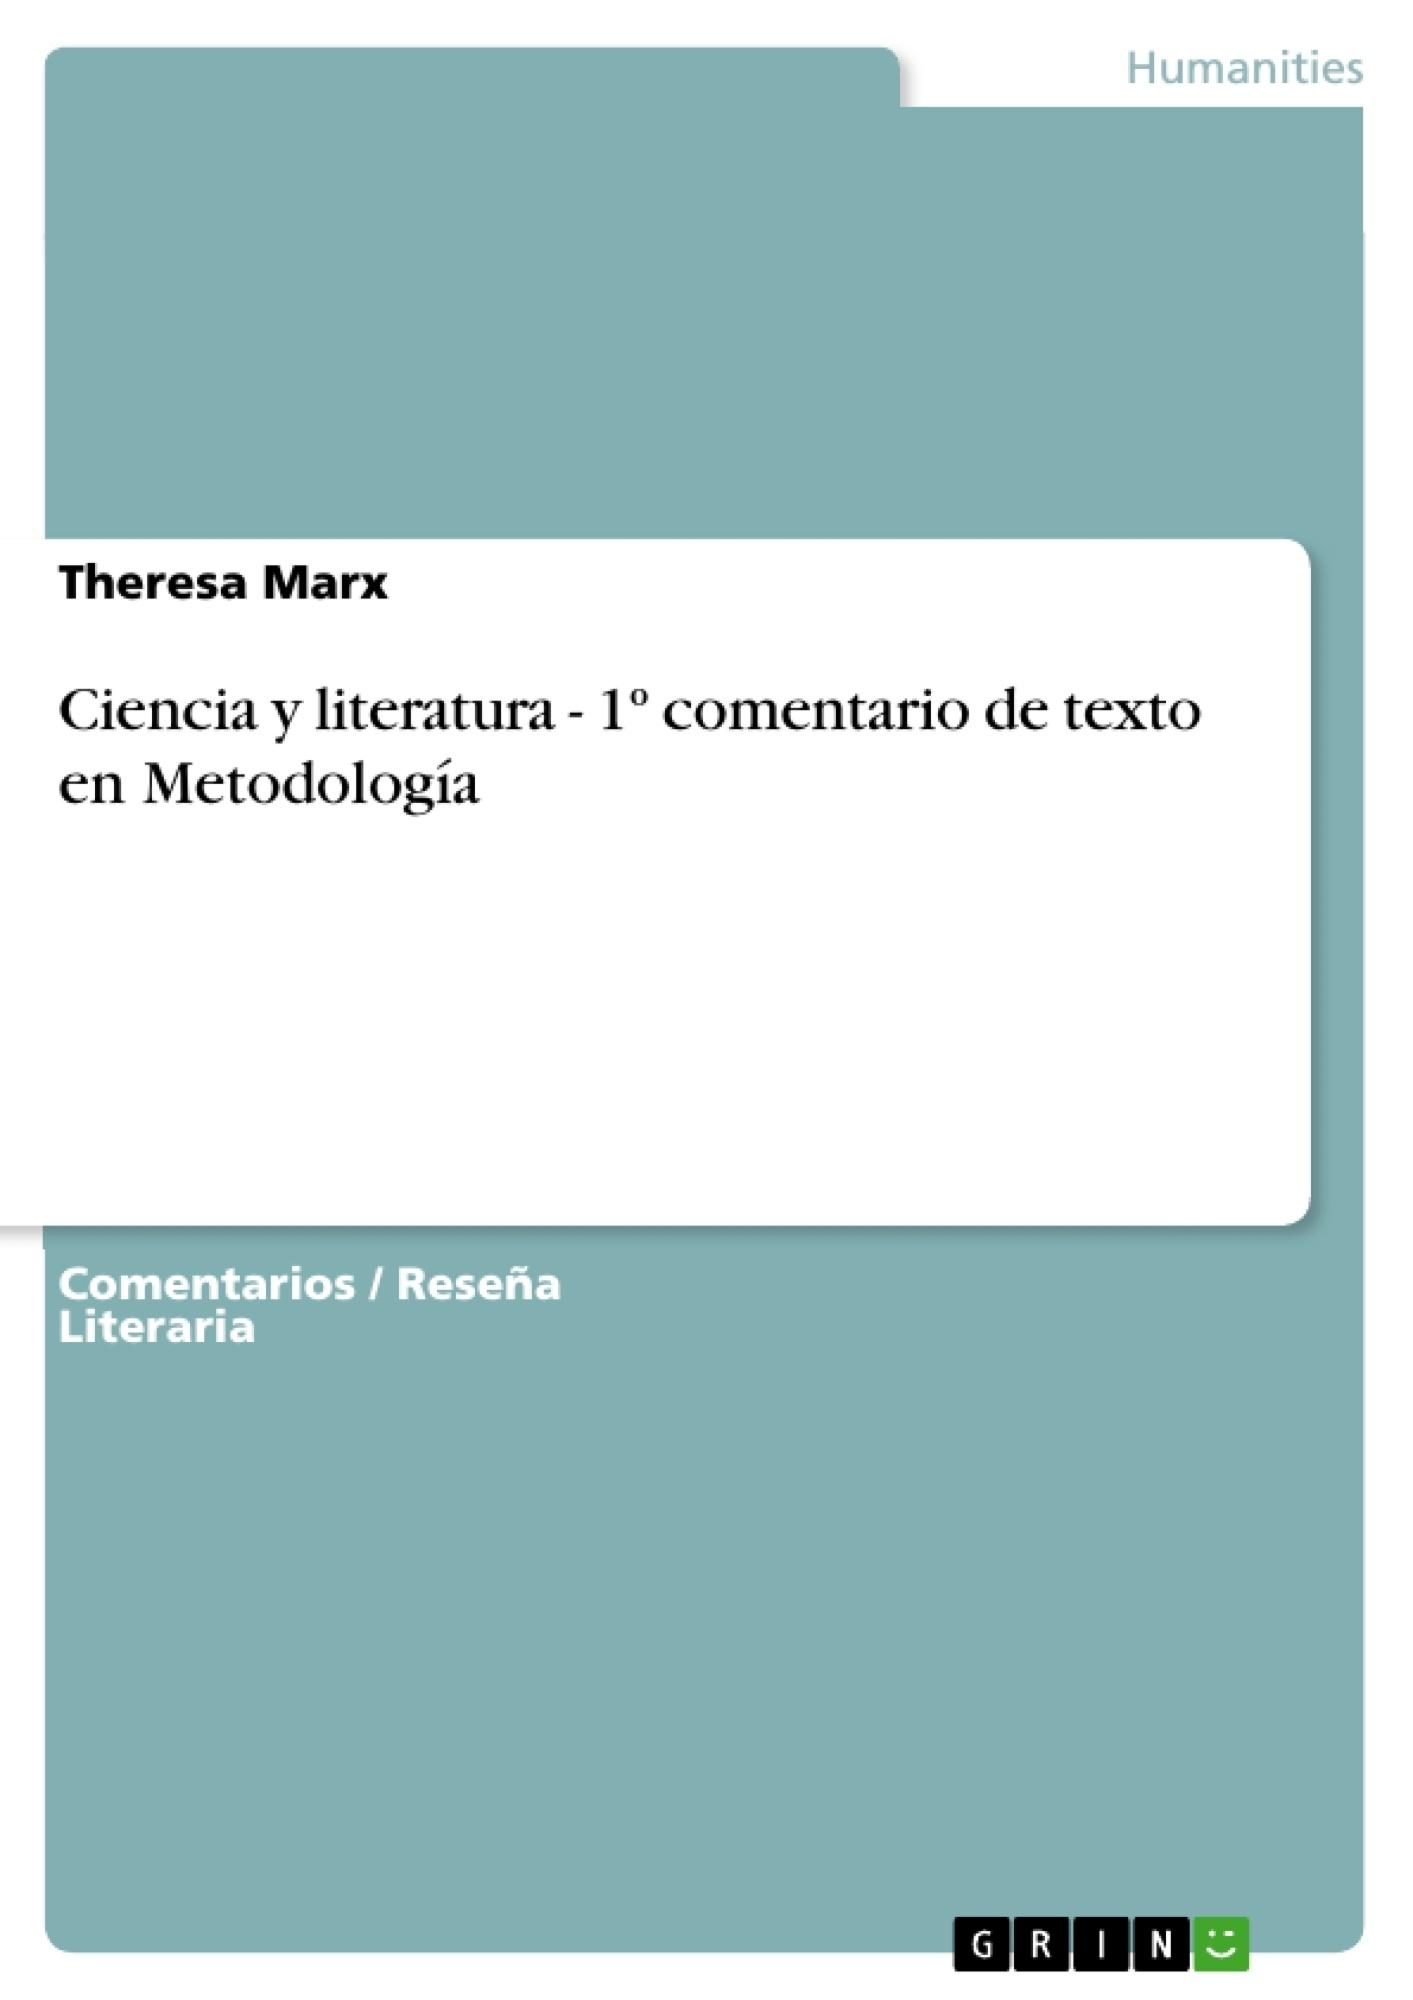 Título: Ciencia y literatura - 1º comentario de texto en Metodología